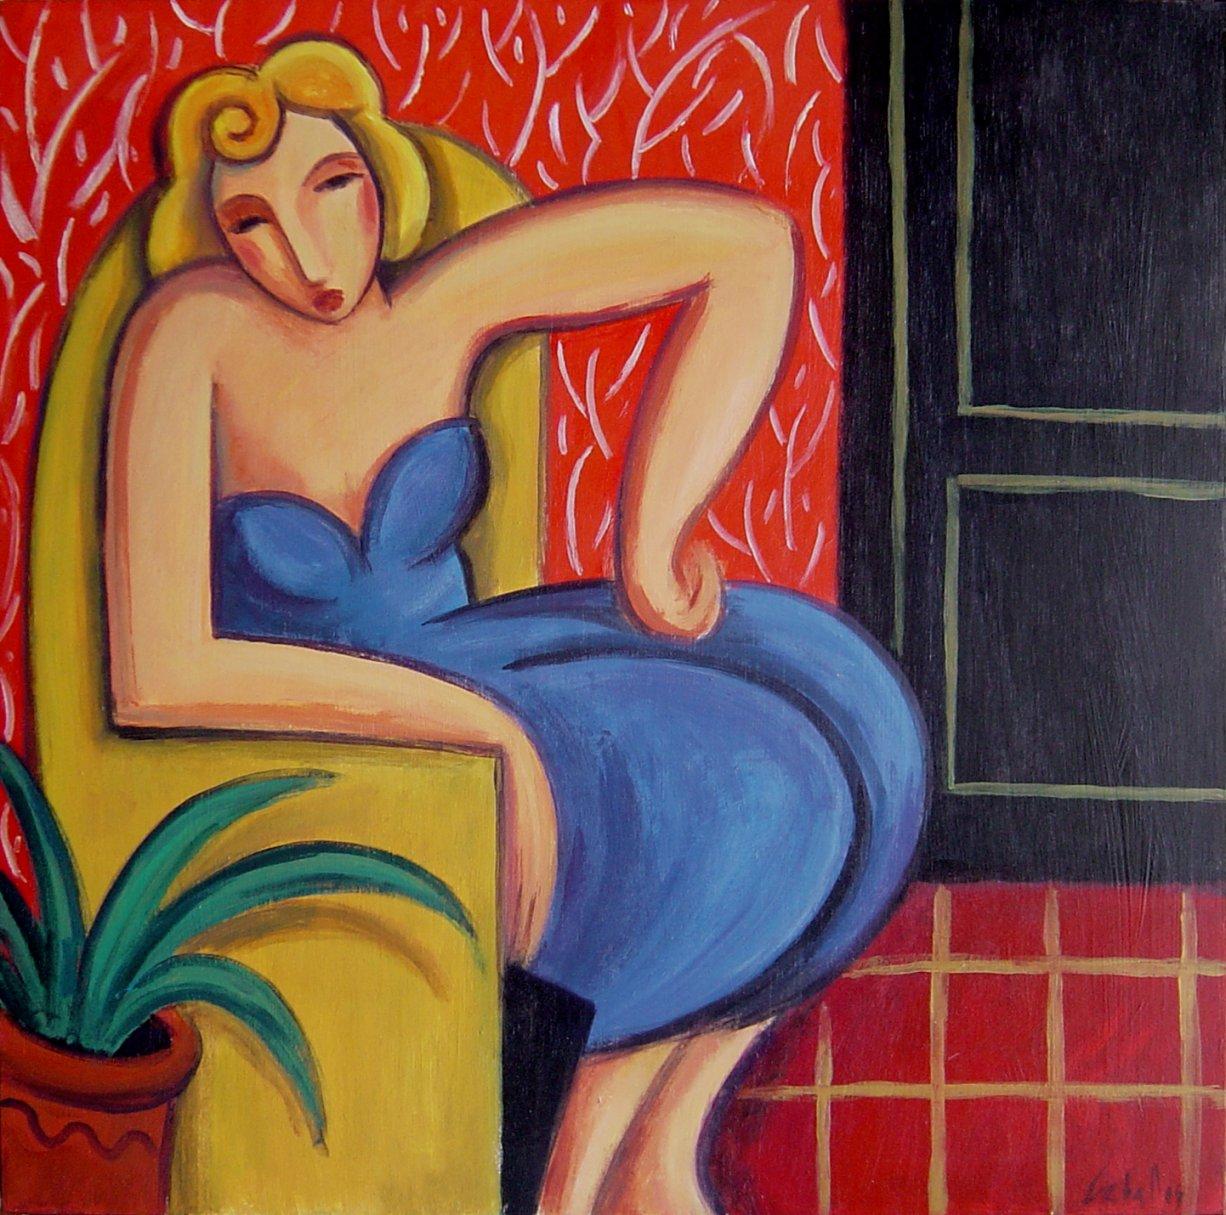 Rubia en el sofá amarillo (2011) - Guillermo Martí Ceballos